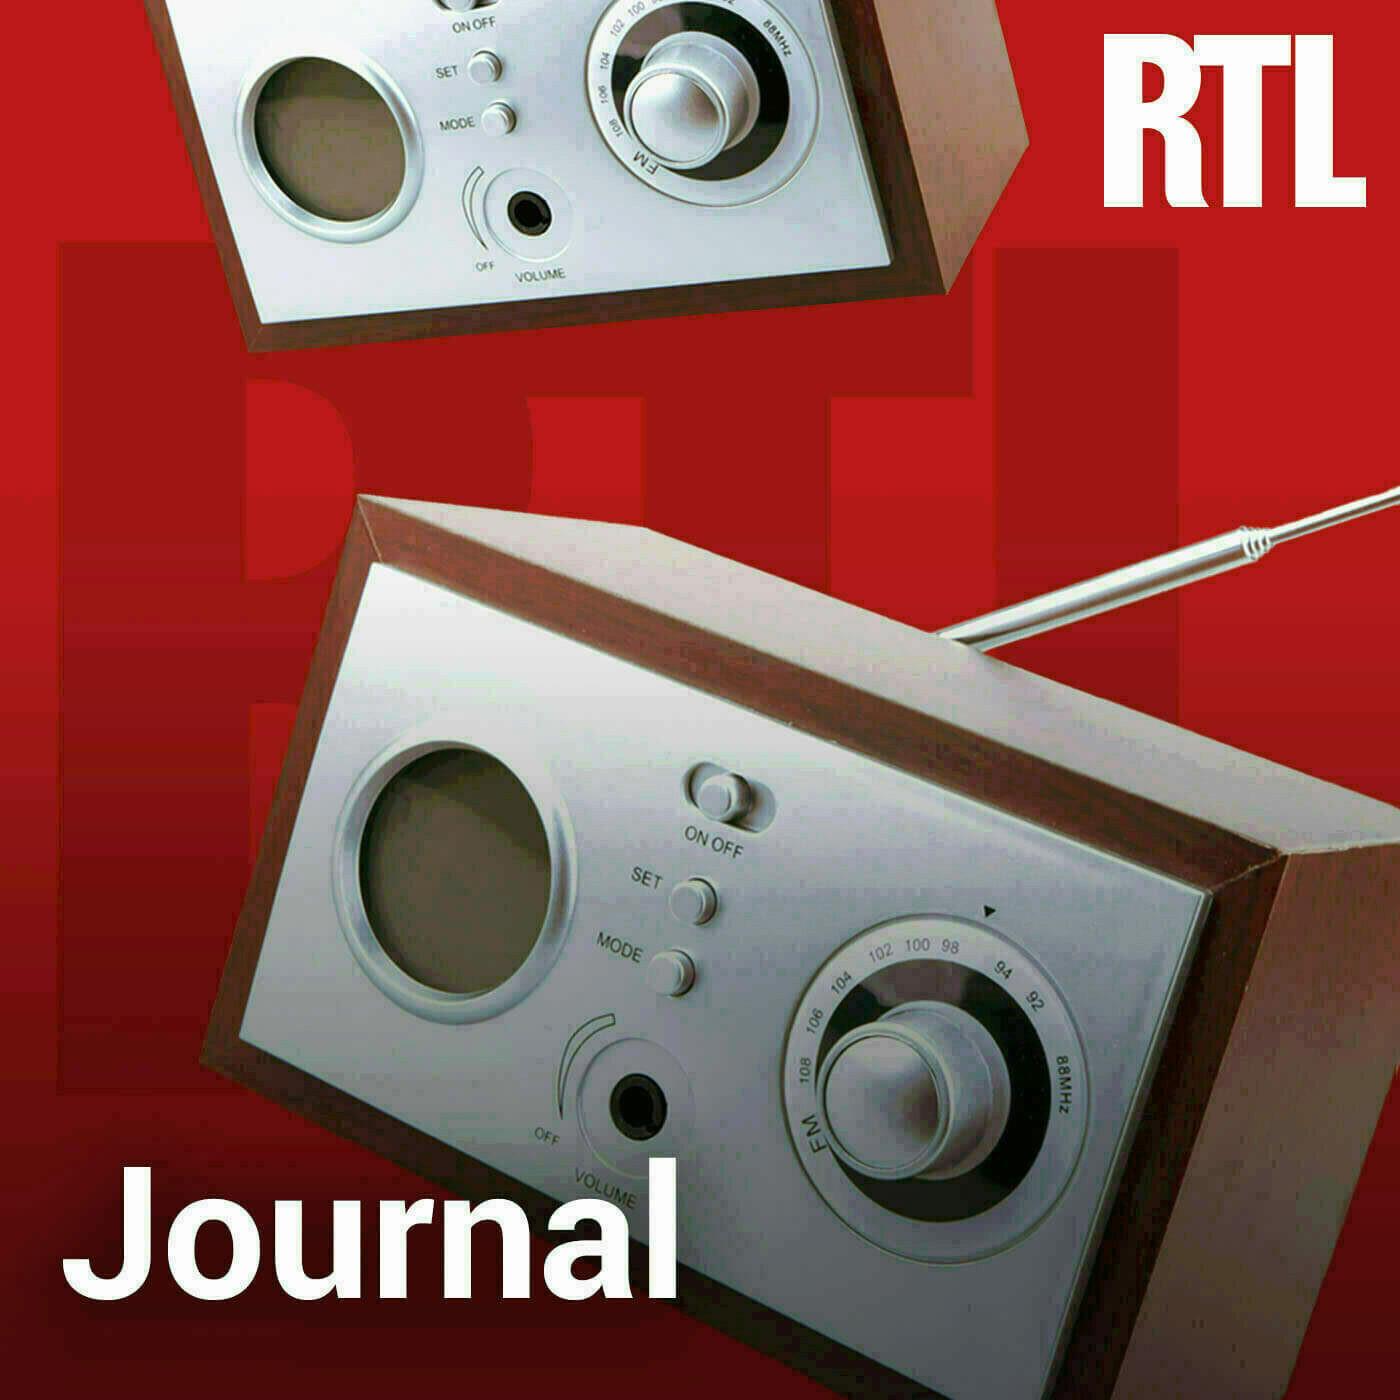 Le journal RTL de 20h du 20 octobre 2020